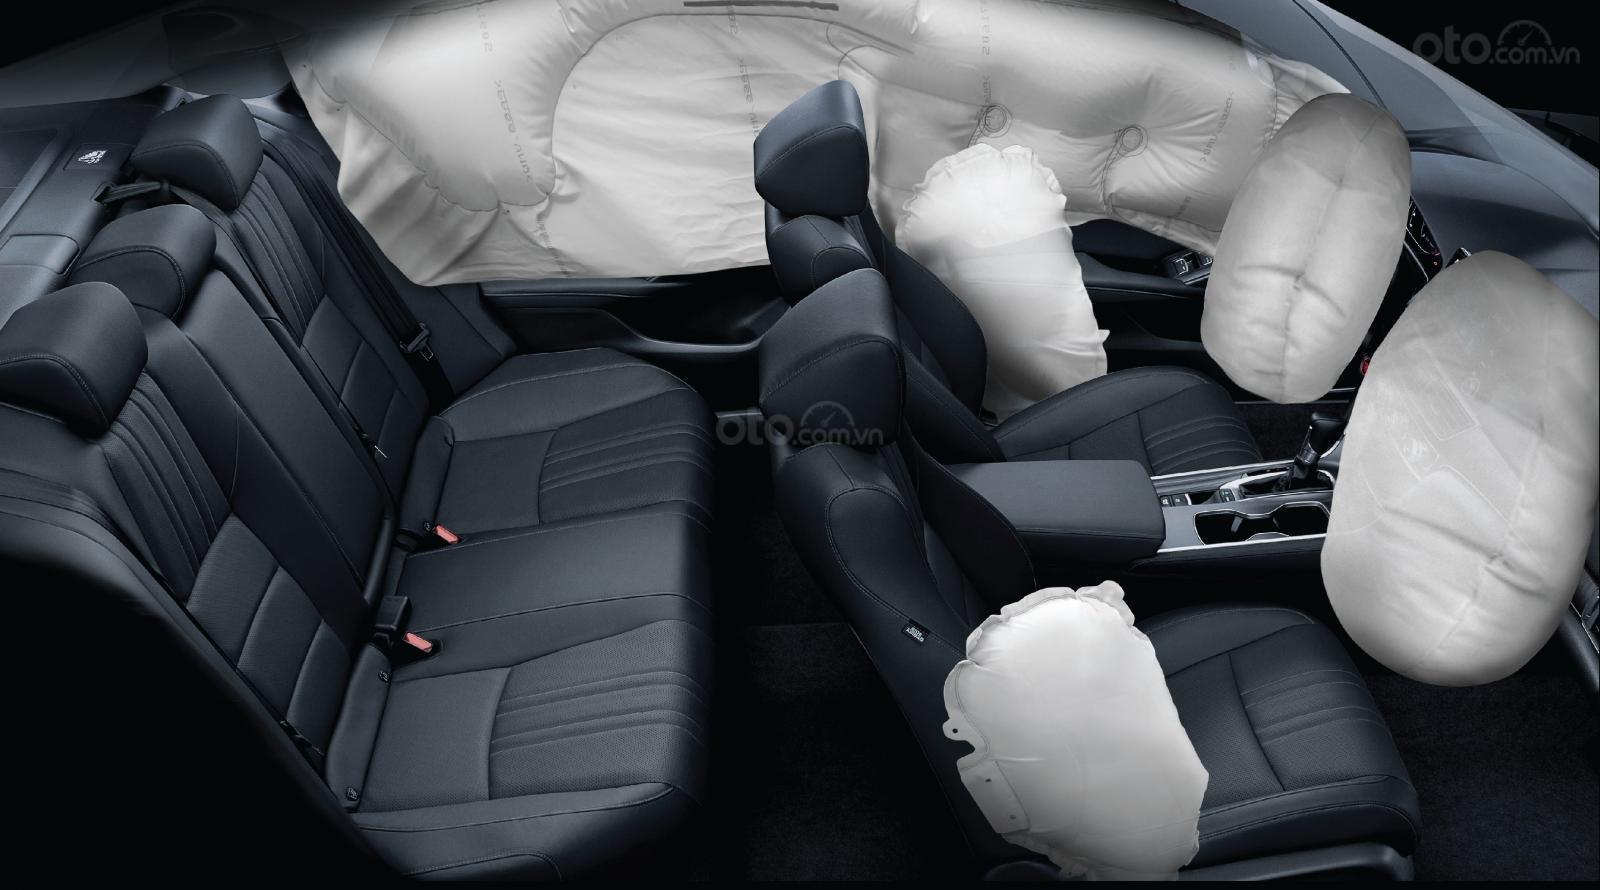 Honda Accord 2020 đủ màu, giao ngay, giảm tiền mặt khủng, hỗ trợ thuế trước bạ, nhận xe chỉ với 390tr (10)